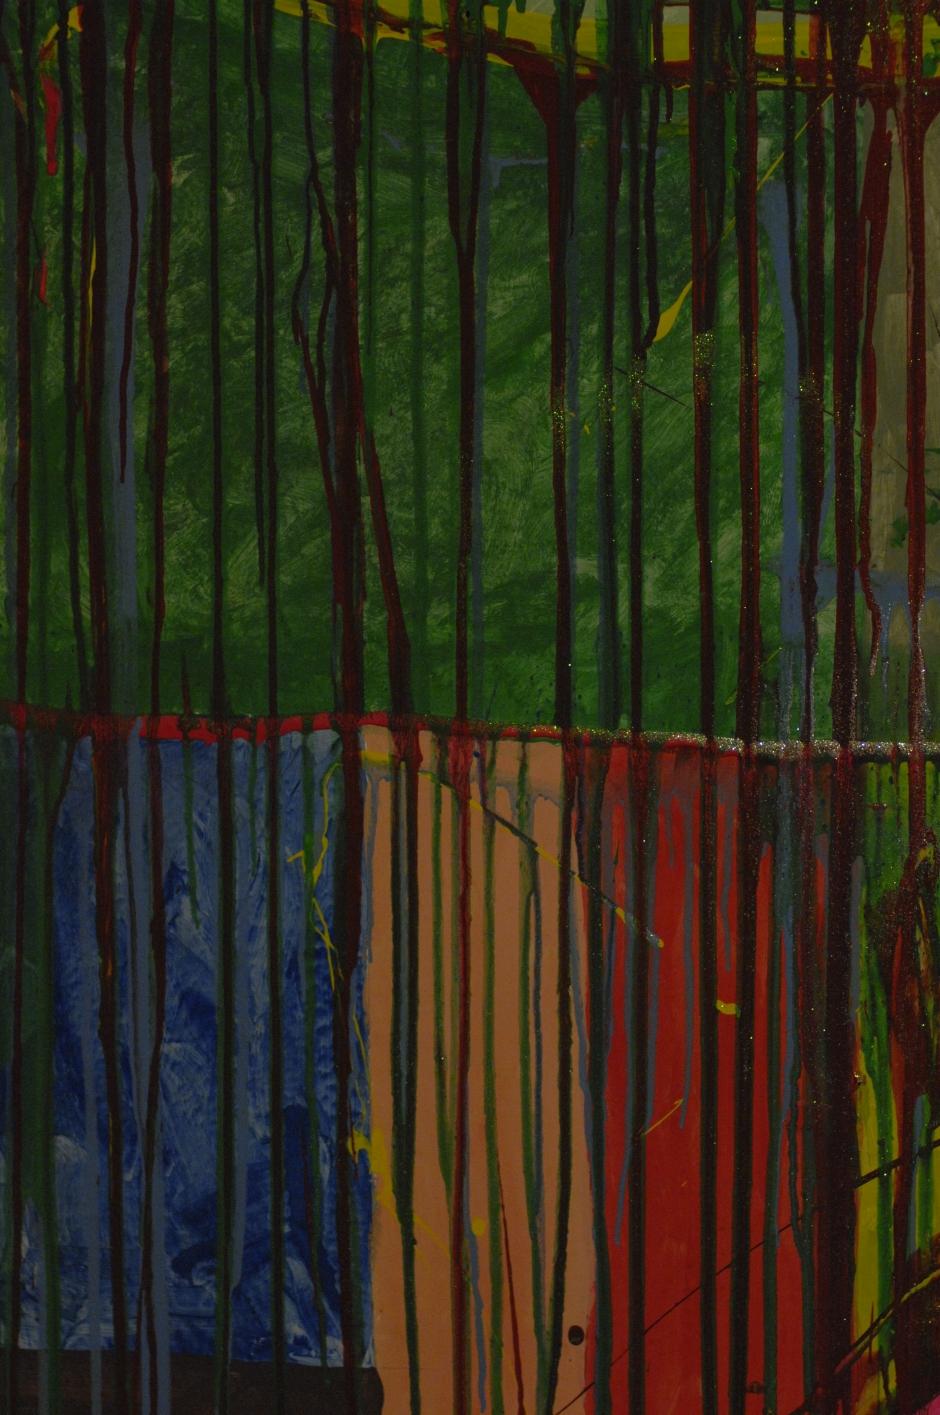 fragmente eines verschwundenen kunstwerkes